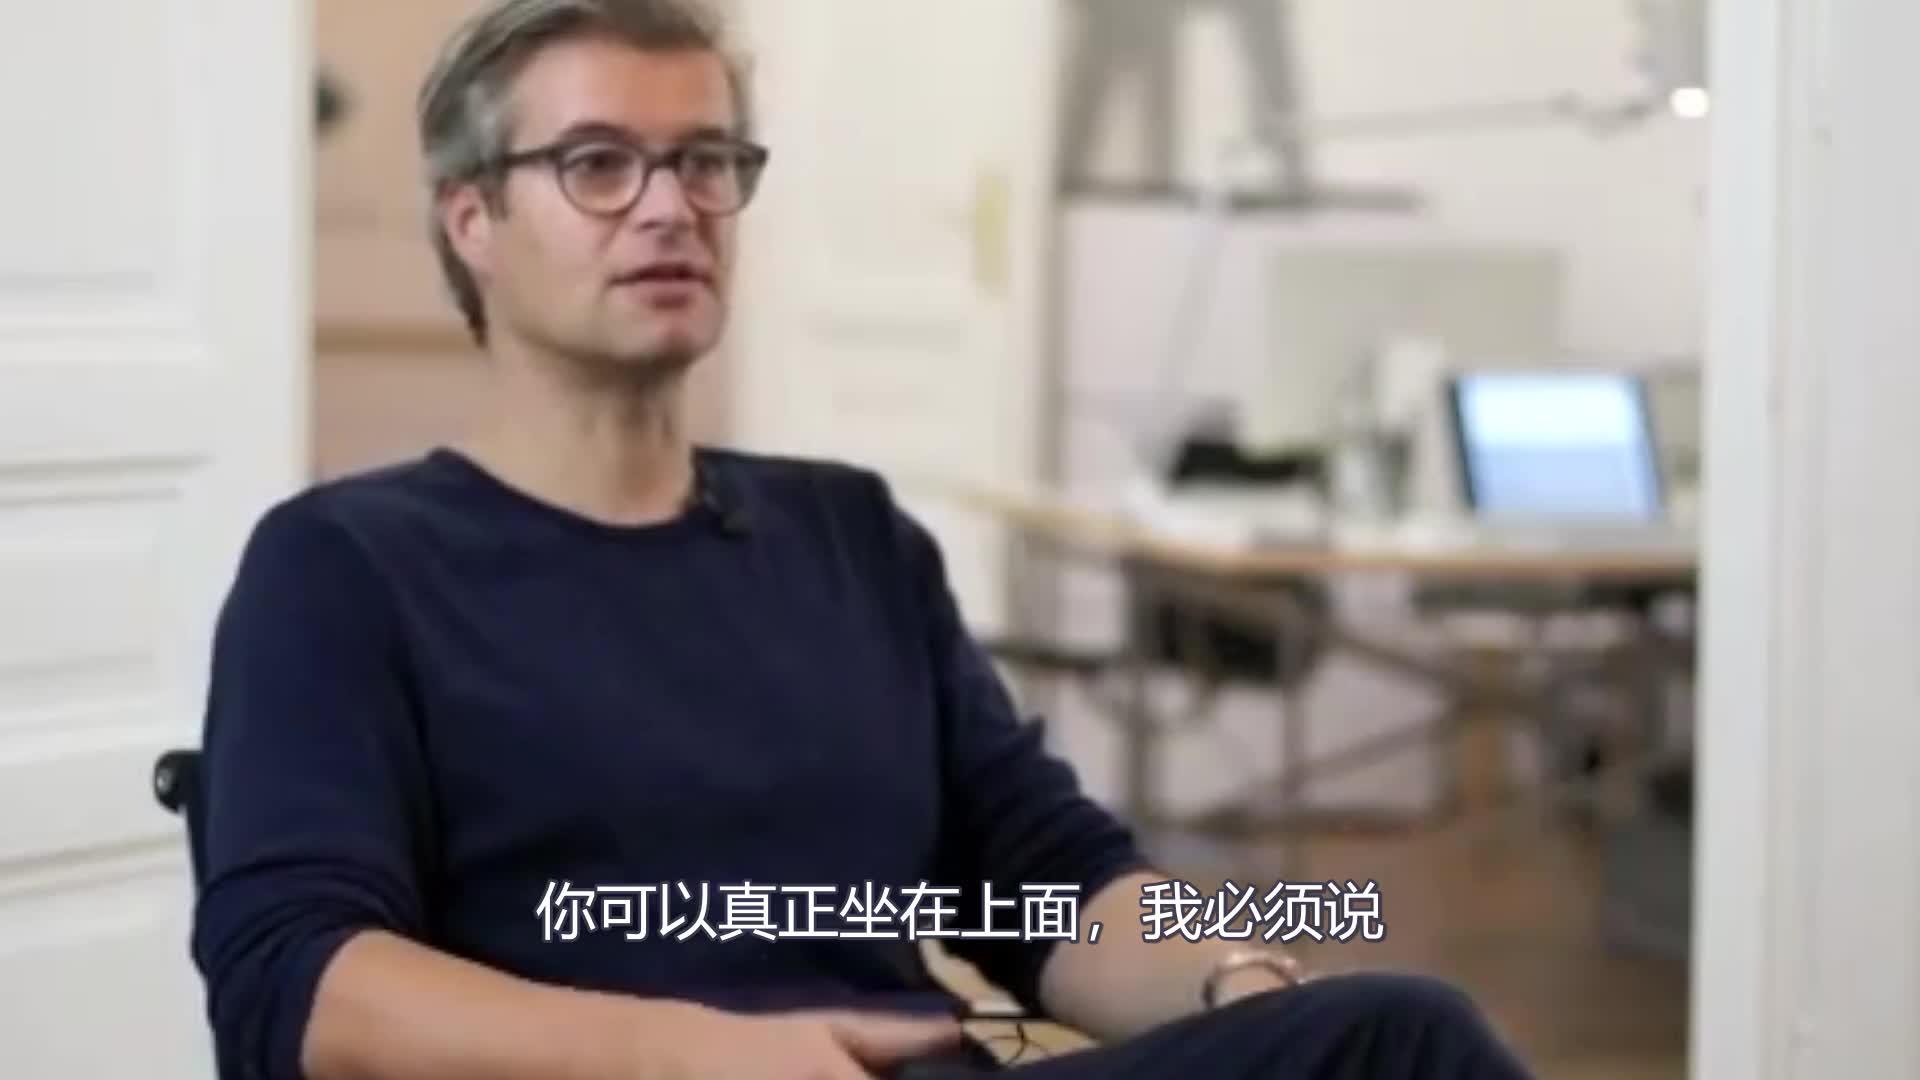 """""""钢管弯曲""""项目介绍 来自 维也纳的产品设计师 Thomas Feichtner"""